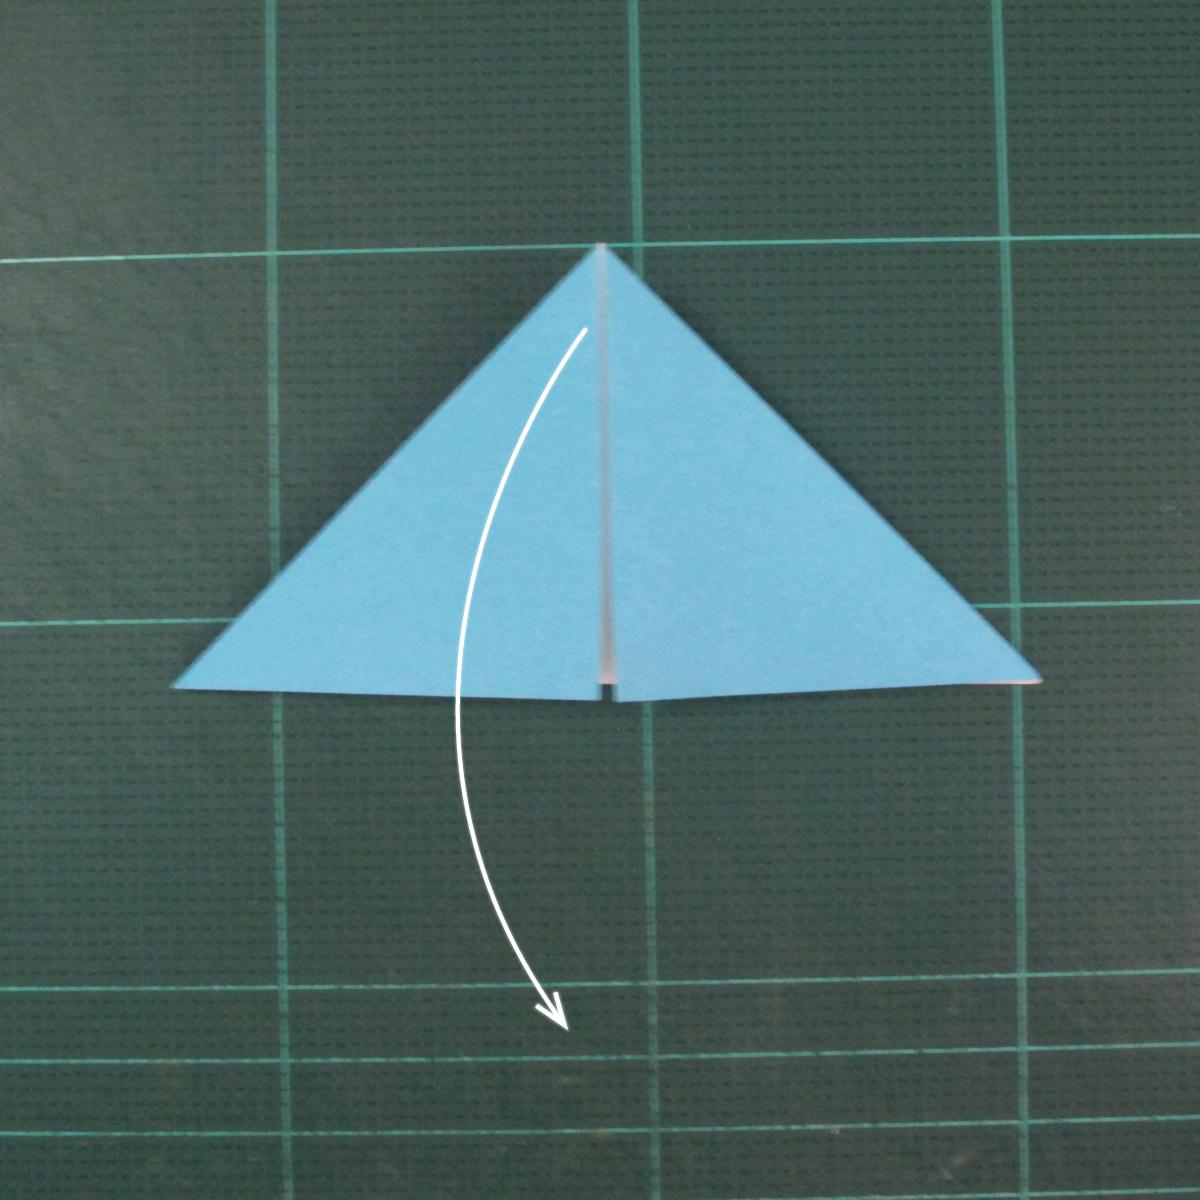 วิธีพับกระดาษเป็นถาดใส่ขนมรูปดาวแปดแฉก (Origami Eight Point Star Candy Tray) 005